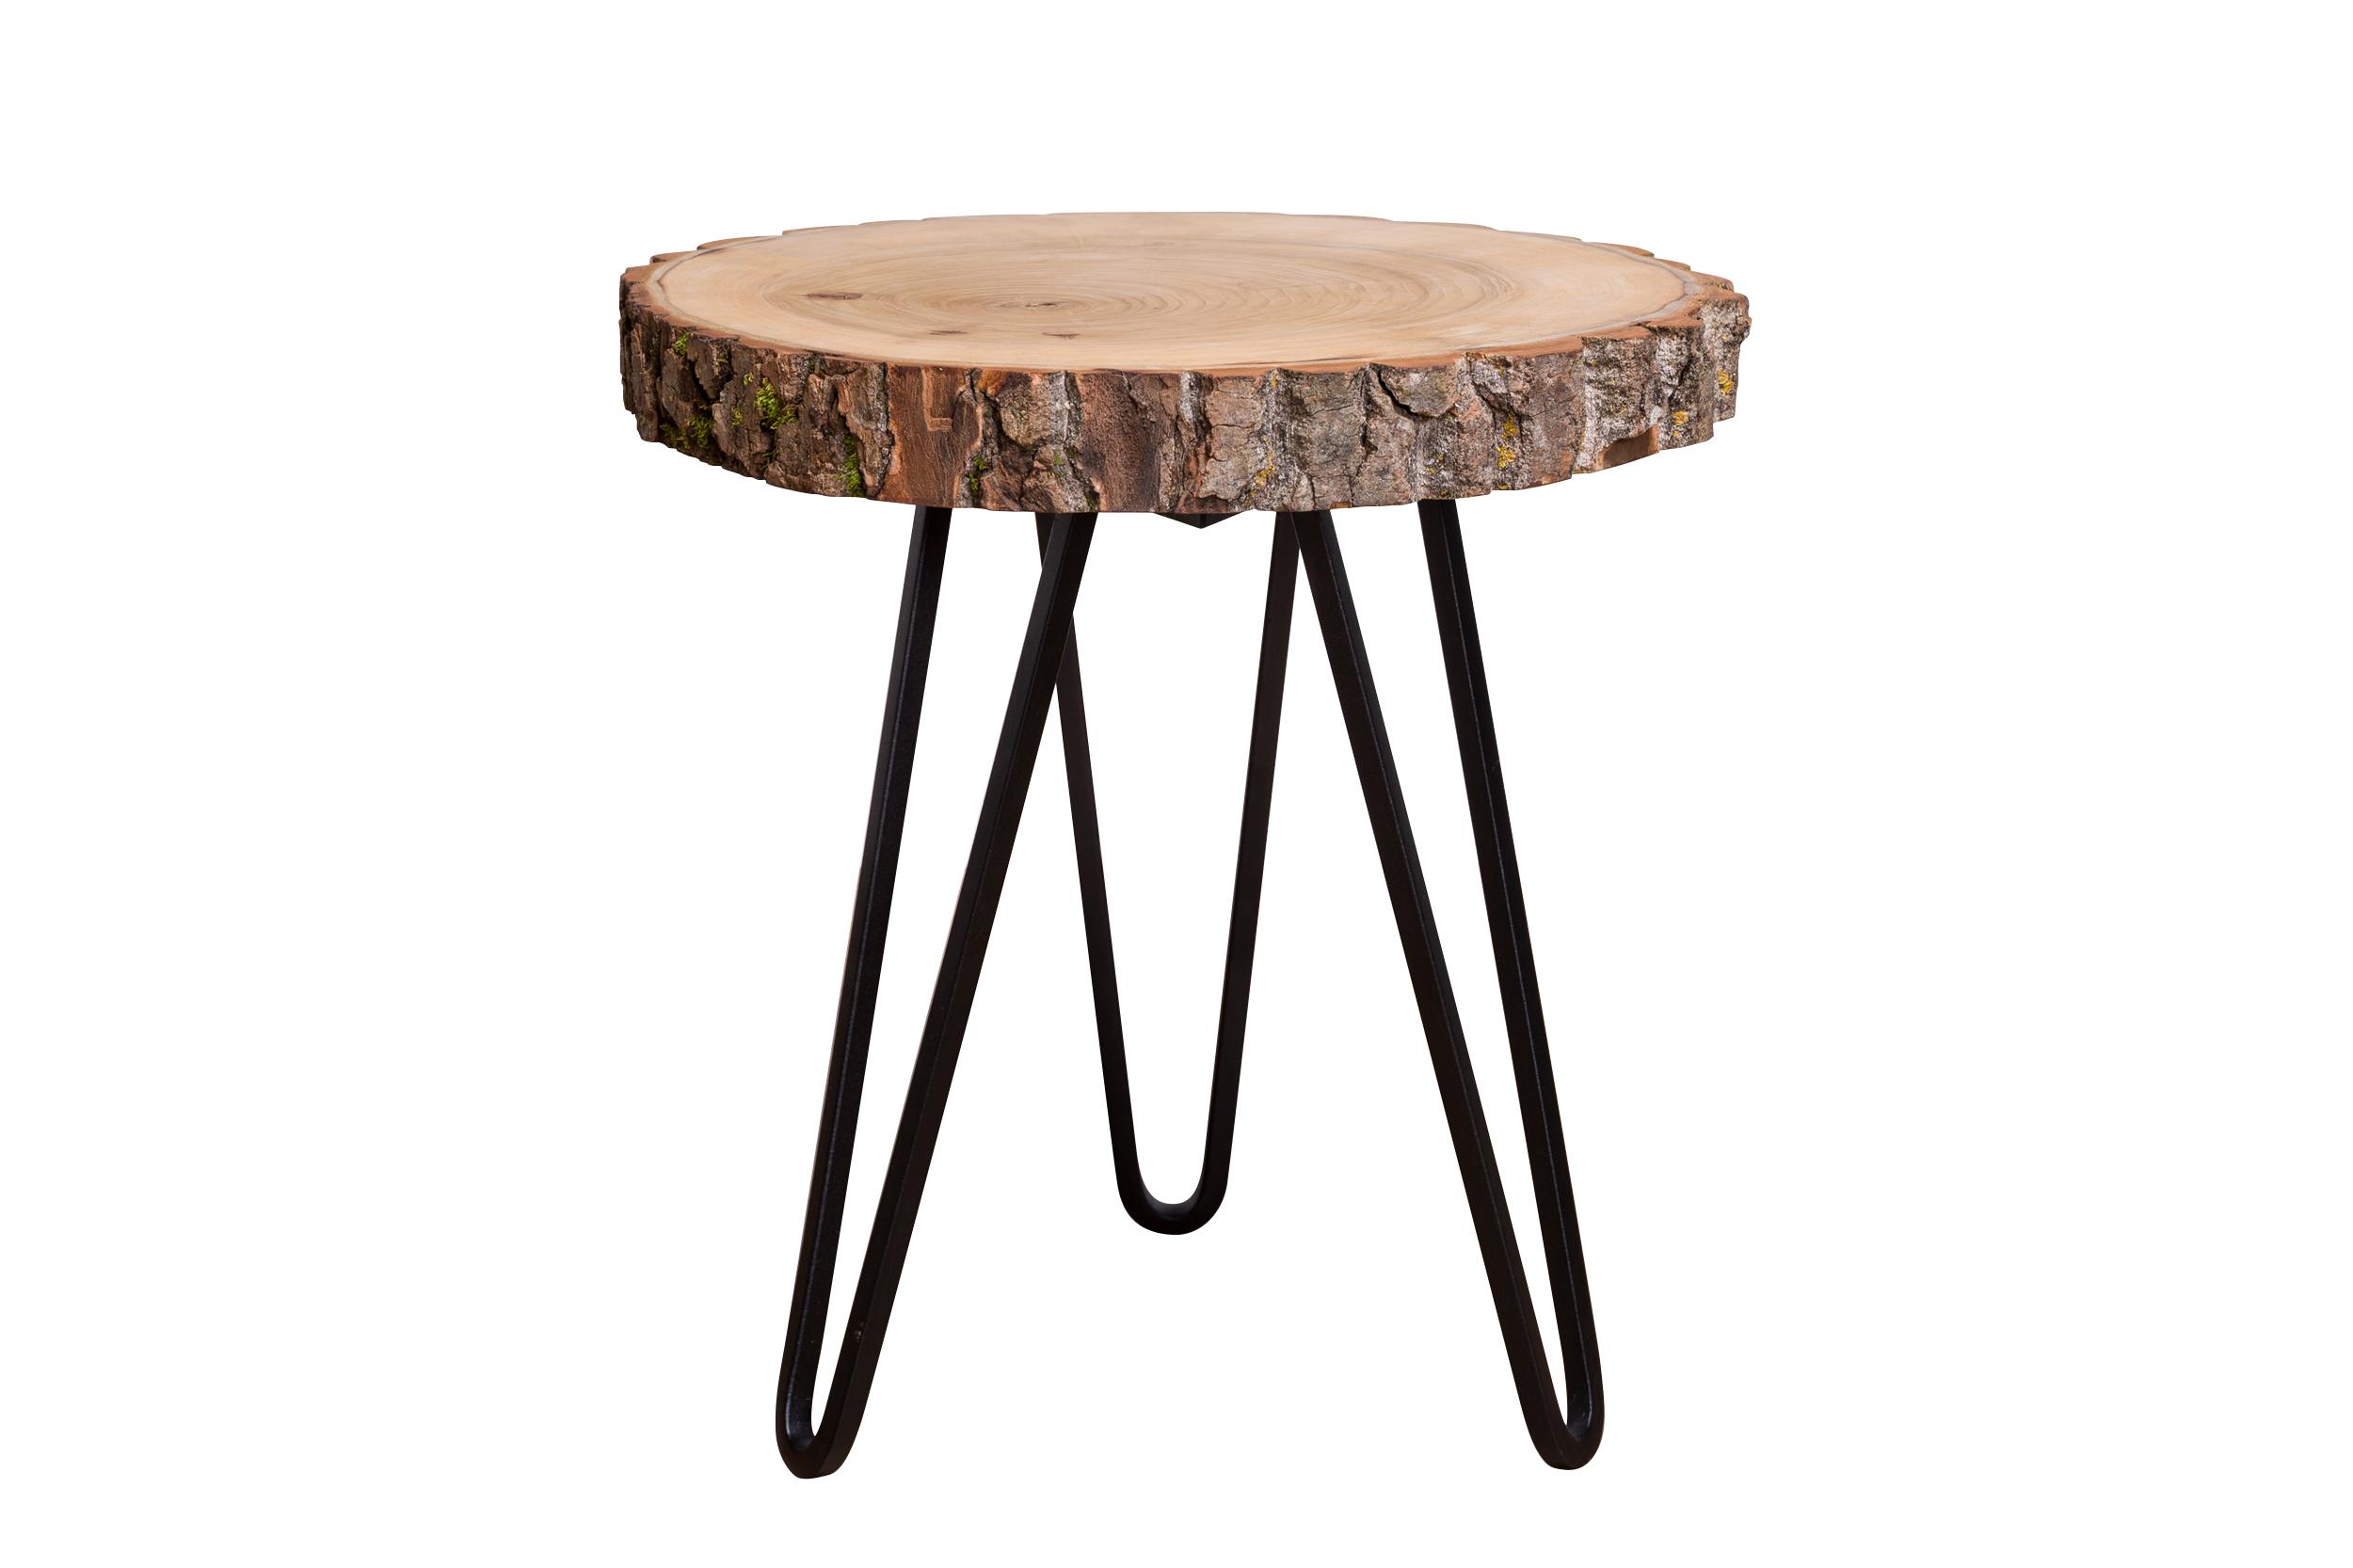 СтоликКофейные столики<br>&amp;lt;div&amp;gt;Столешница &amp;amp;nbsp;из необработанного спила тополя, выполненная &amp;amp;nbsp;в стиле эко-лофт, добавит в вашу гостиную скандинавский характер. Мох на грубой коре и древесные трещины не оставят равнодушными ценителей всего натурального и подлинного.&amp;lt;/div&amp;gt;&amp;lt;div&amp;gt;&amp;lt;br&amp;gt;&amp;lt;/div&amp;gt;&amp;lt;div&amp;gt;Поскольку изделие выполнено из натурального дерева, то его размер, форма, цвет, текстура могут варьироваться.&amp;lt;/div&amp;gt;&amp;lt;div&amp;gt;Материал основания: окрашенный металл.&amp;lt;/div&amp;gt;&amp;lt;div&amp;gt;Столешница пропитана тиковым маслом.&amp;lt;/div&amp;gt;<br><br>Material: Тополь<br>Height см: 48<br>Diameter см: 45